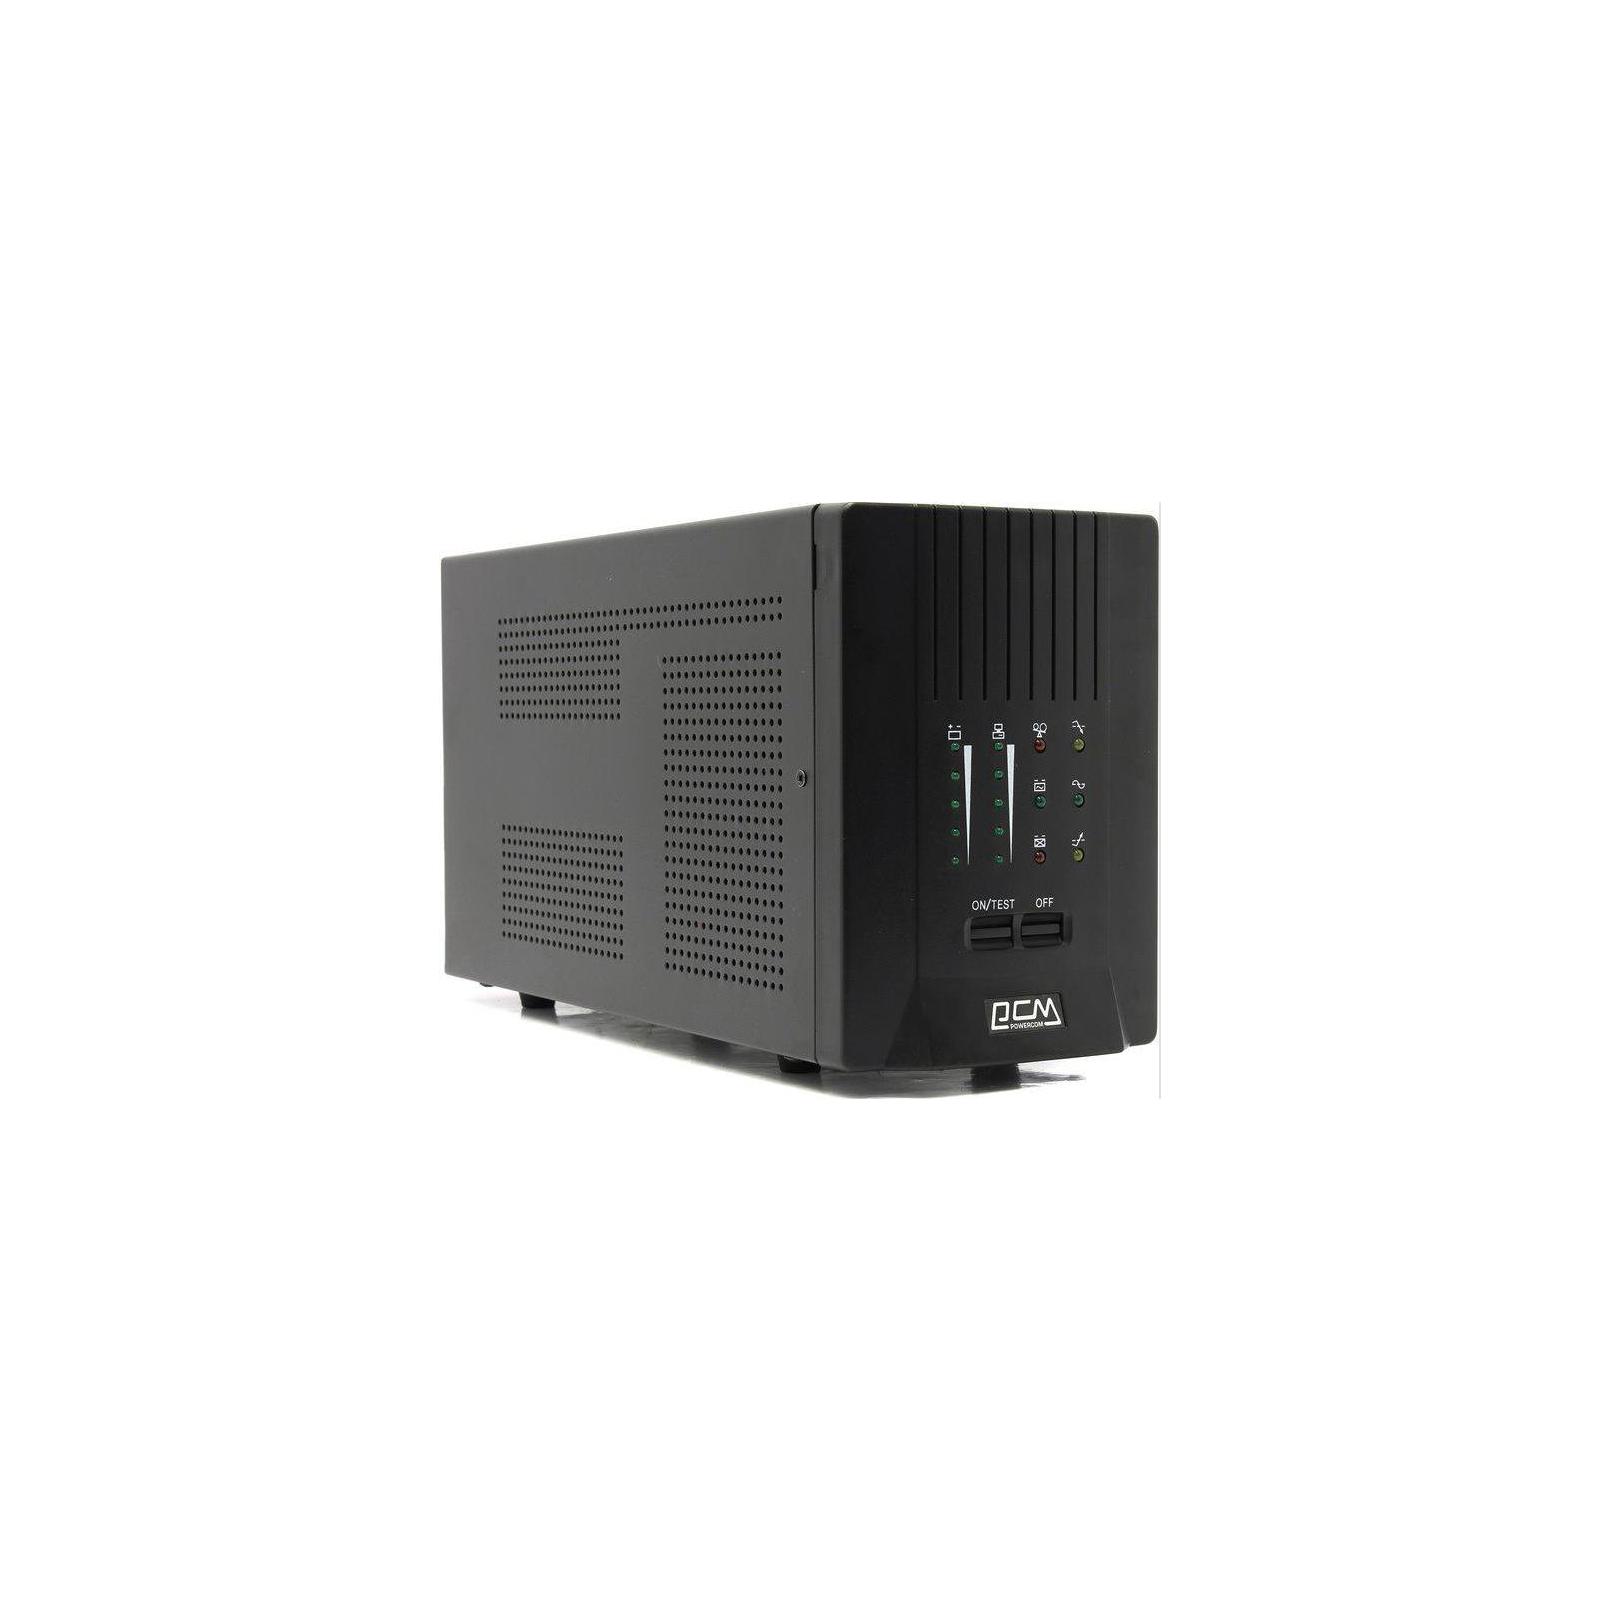 Источник бесперебойного питания Powercom SPT-1500 изображение 3